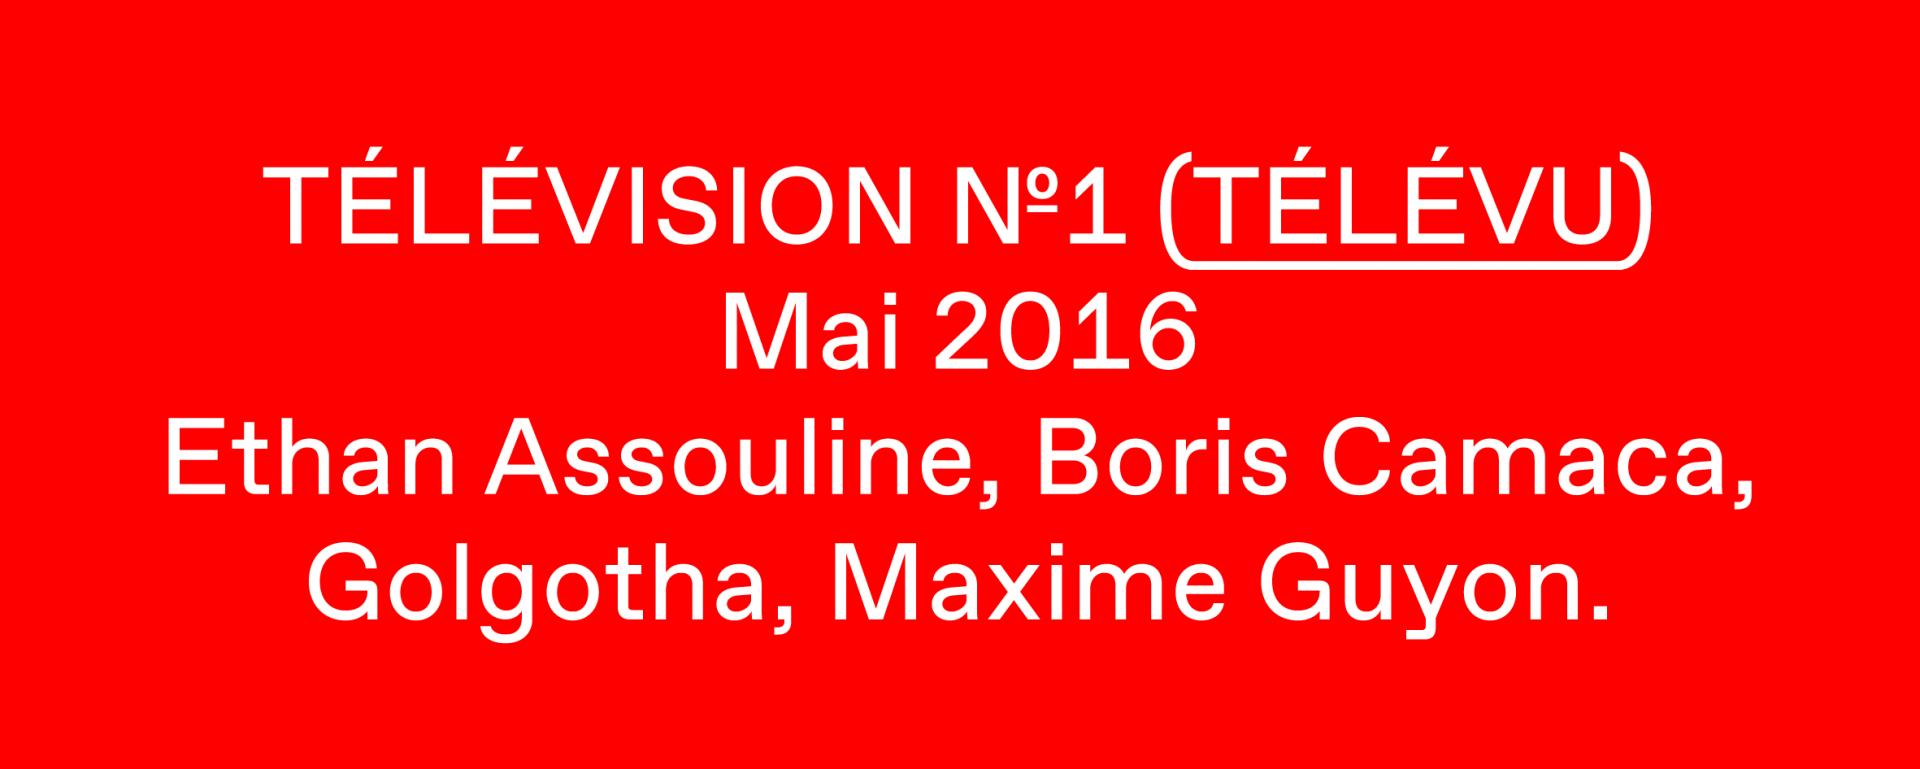 Télévision N1 1602 MG 005 TELEVU! (EA, HB, BC, GG, MG, MG, MR)